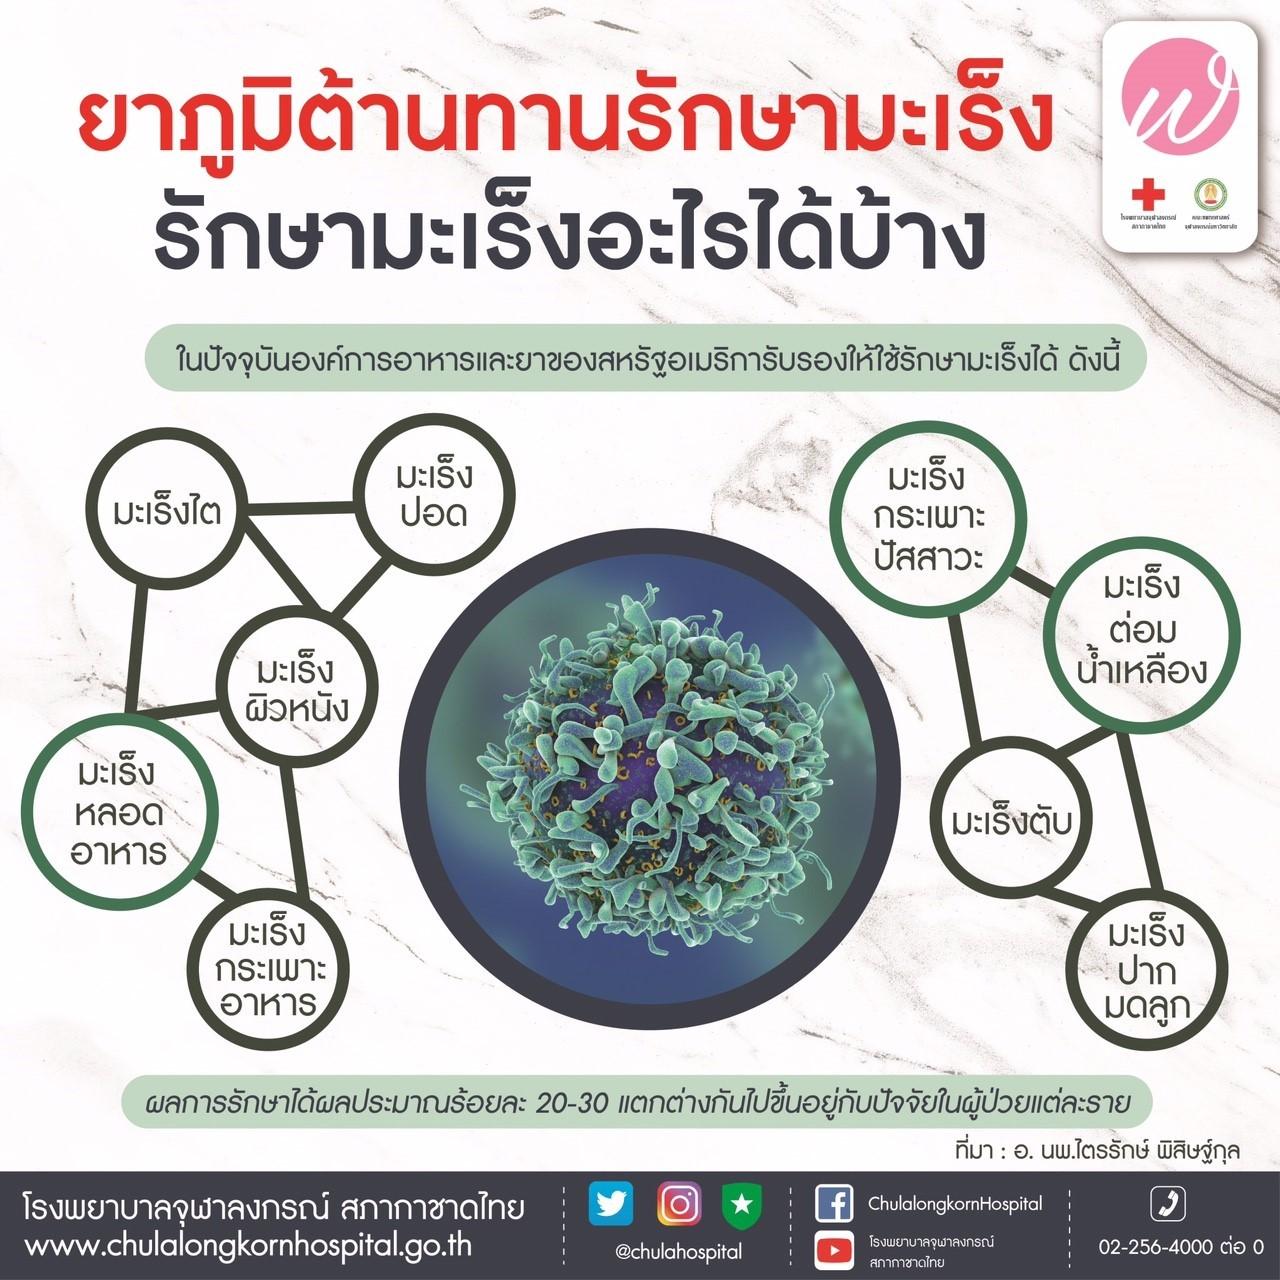 ยาภูมิต้านทานรักษามะเร็ง รักษามะเร็งอะไรบ้าง